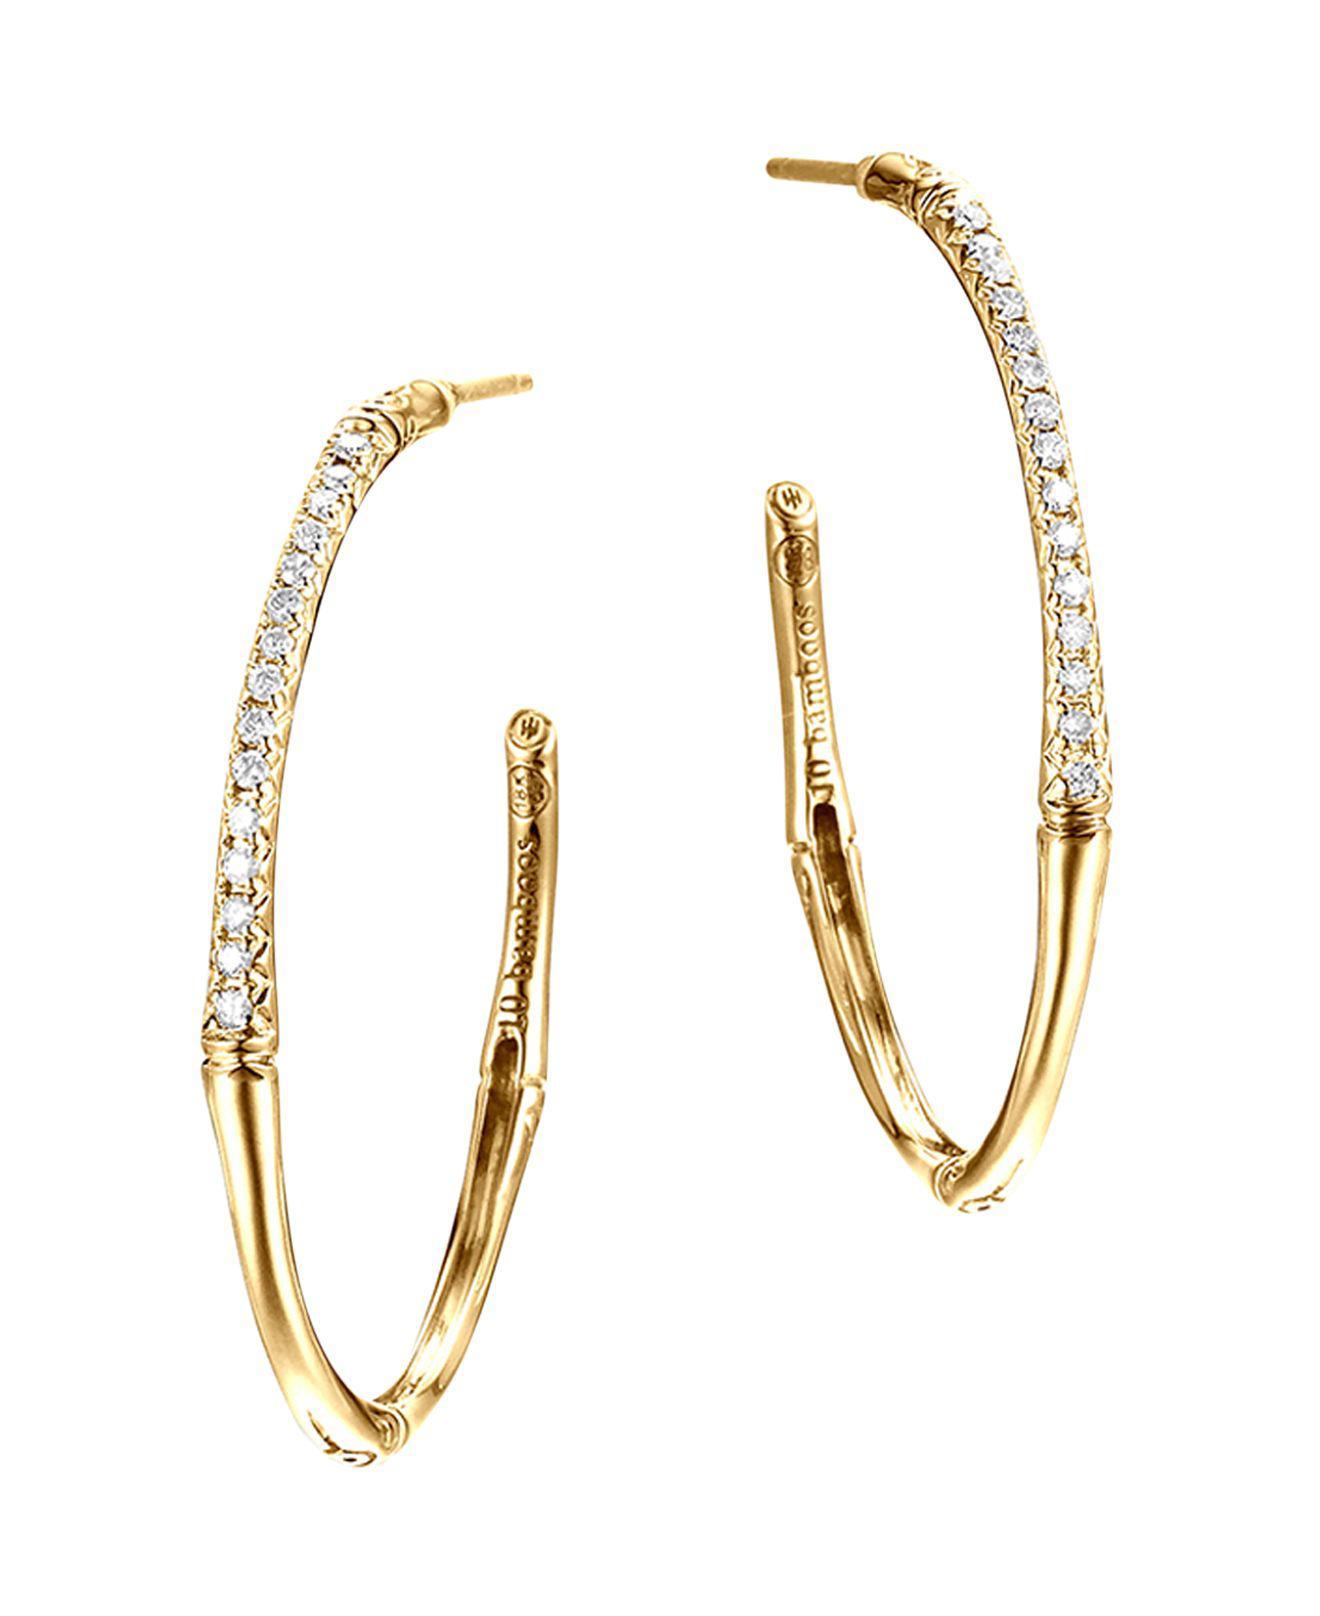 John Hardy 18k Bamboo Diamond Pavé Hoop Earrings iqGsEKMoA